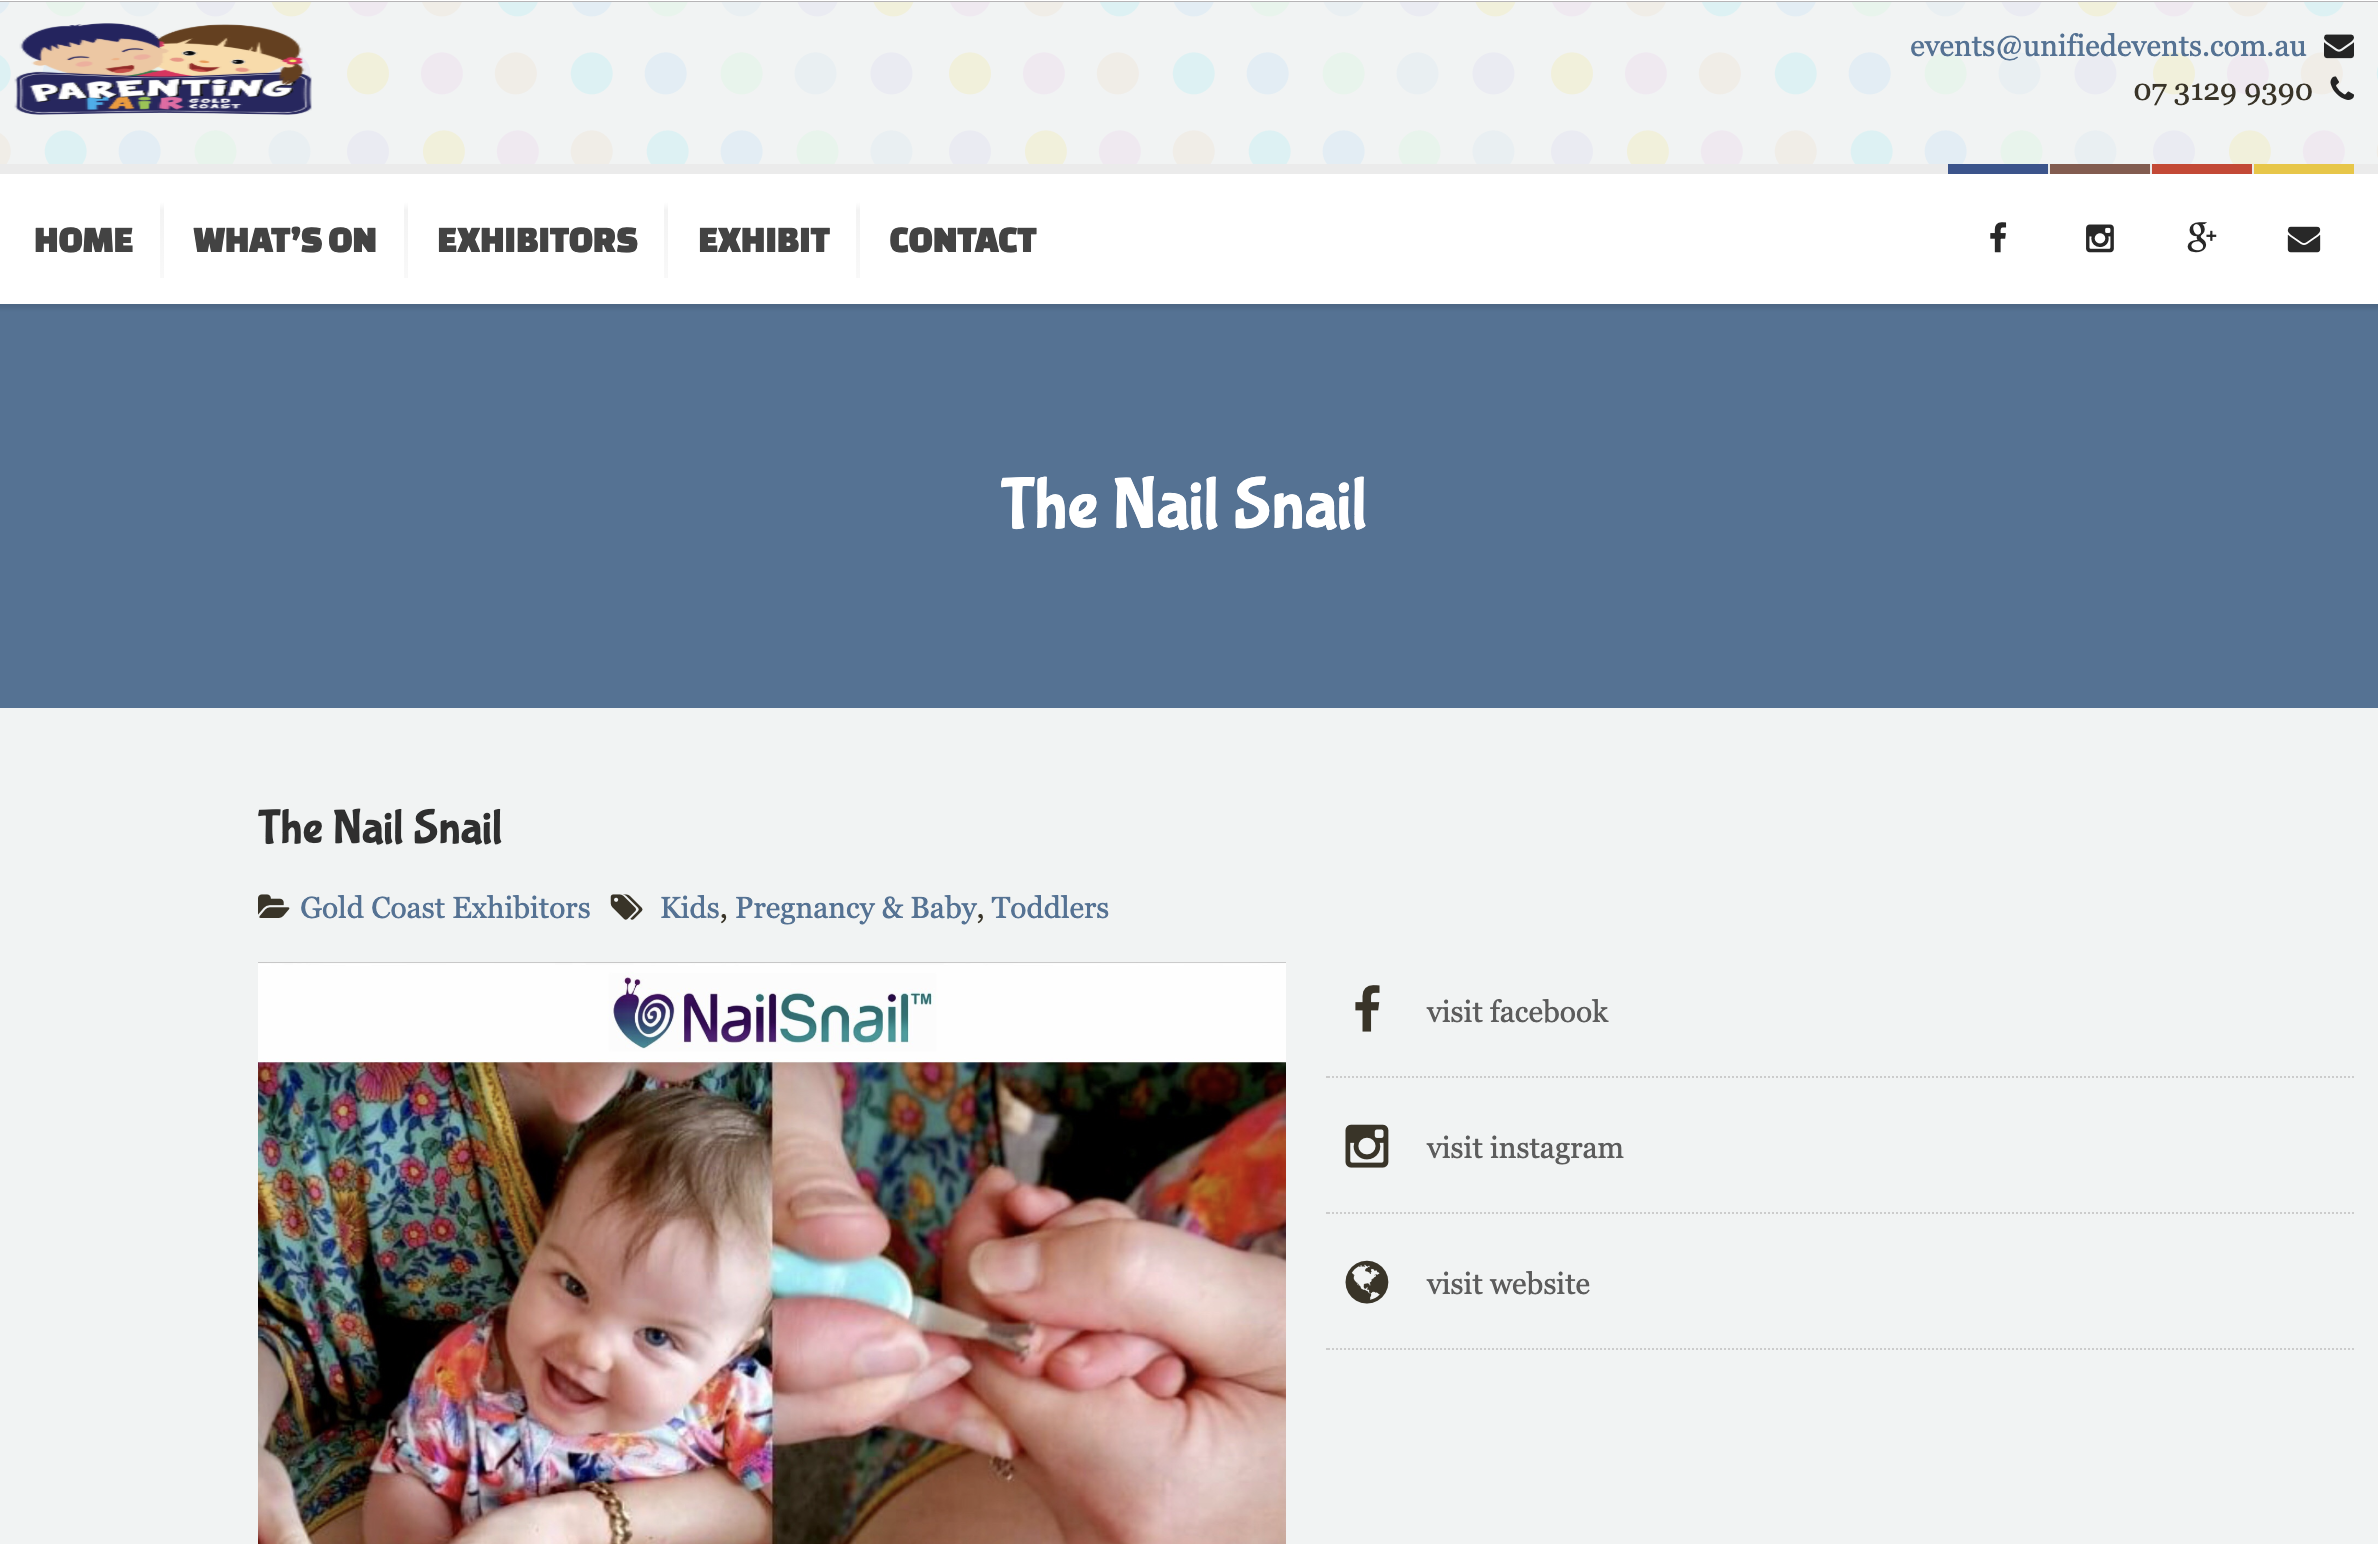 Parenting Fair - The Nail Snail